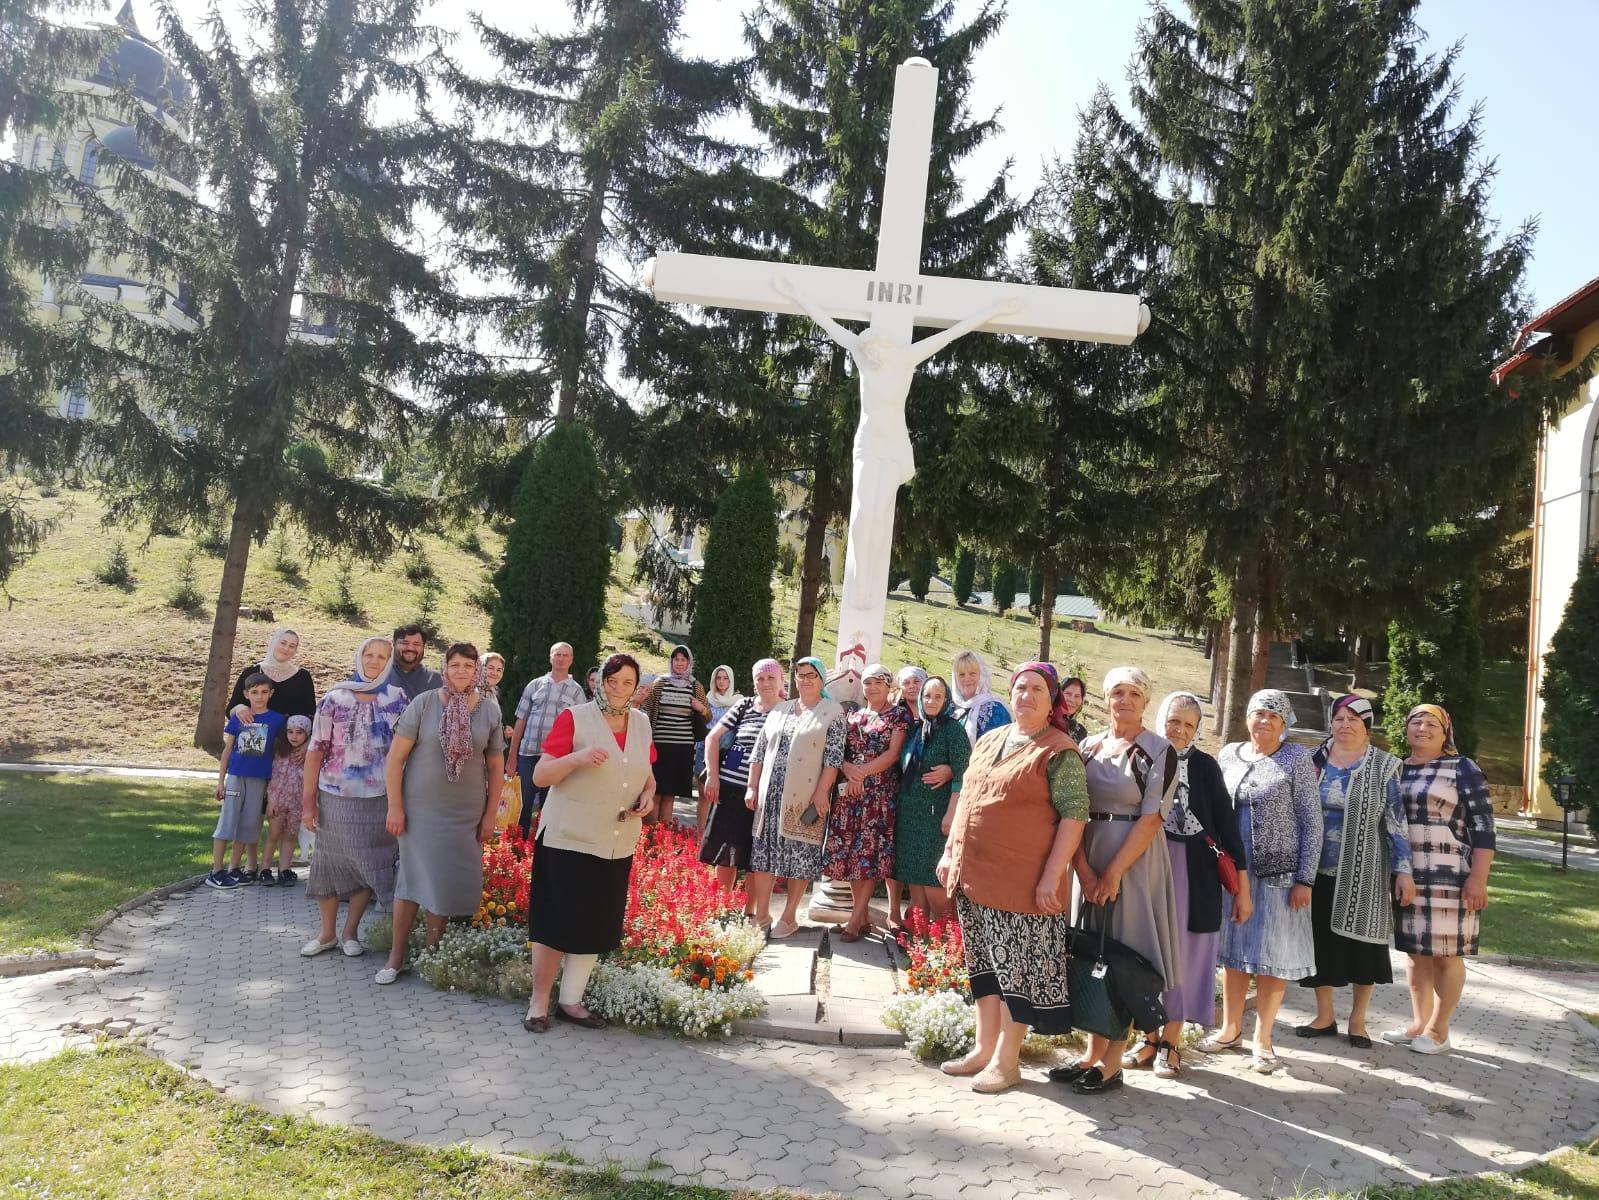 (ФОТО) Прихожане храма с. Етулия совершили паломническую поездку по святым местам Молдовы